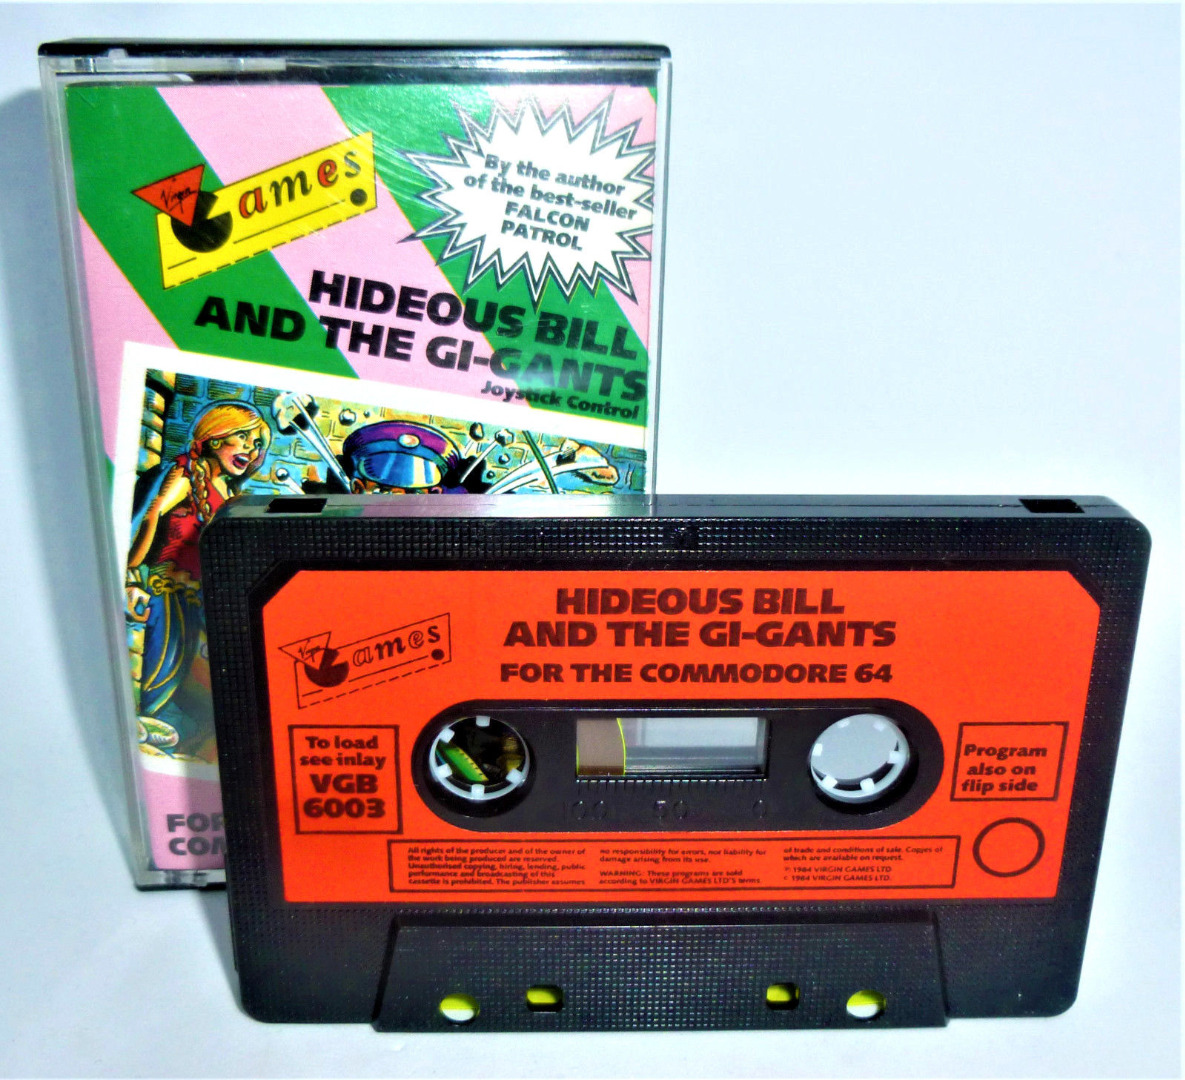 C64 - Hideous Bill and the Gi-Gants - Kassette / Datasette - 2